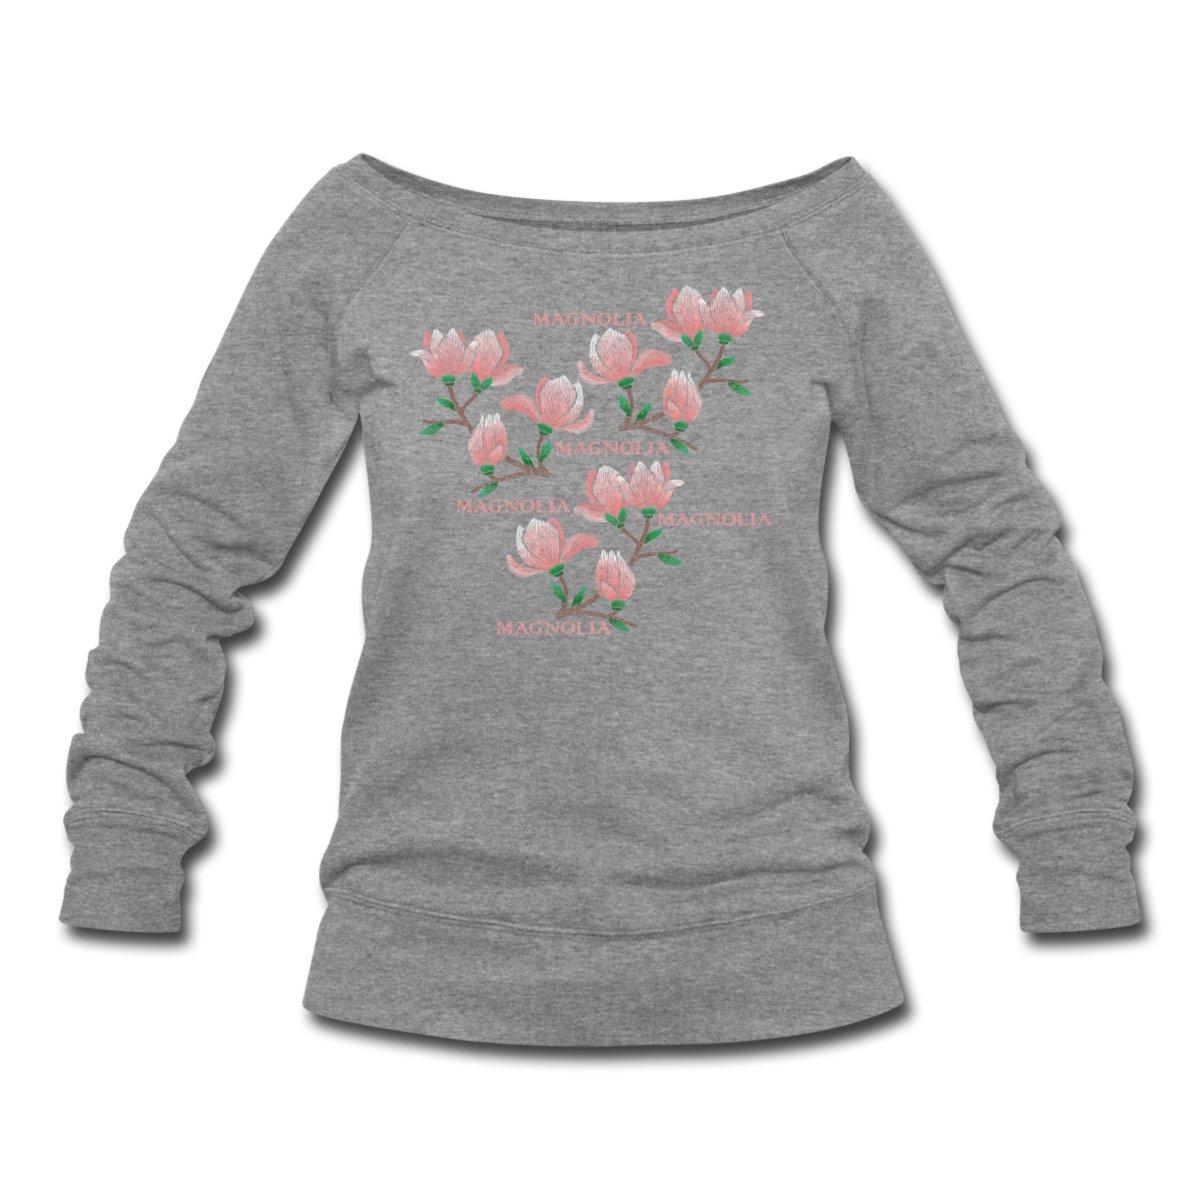 magnolia-laangaermad-troeja-med-baatringning-dam-fraan-bellag.jpg